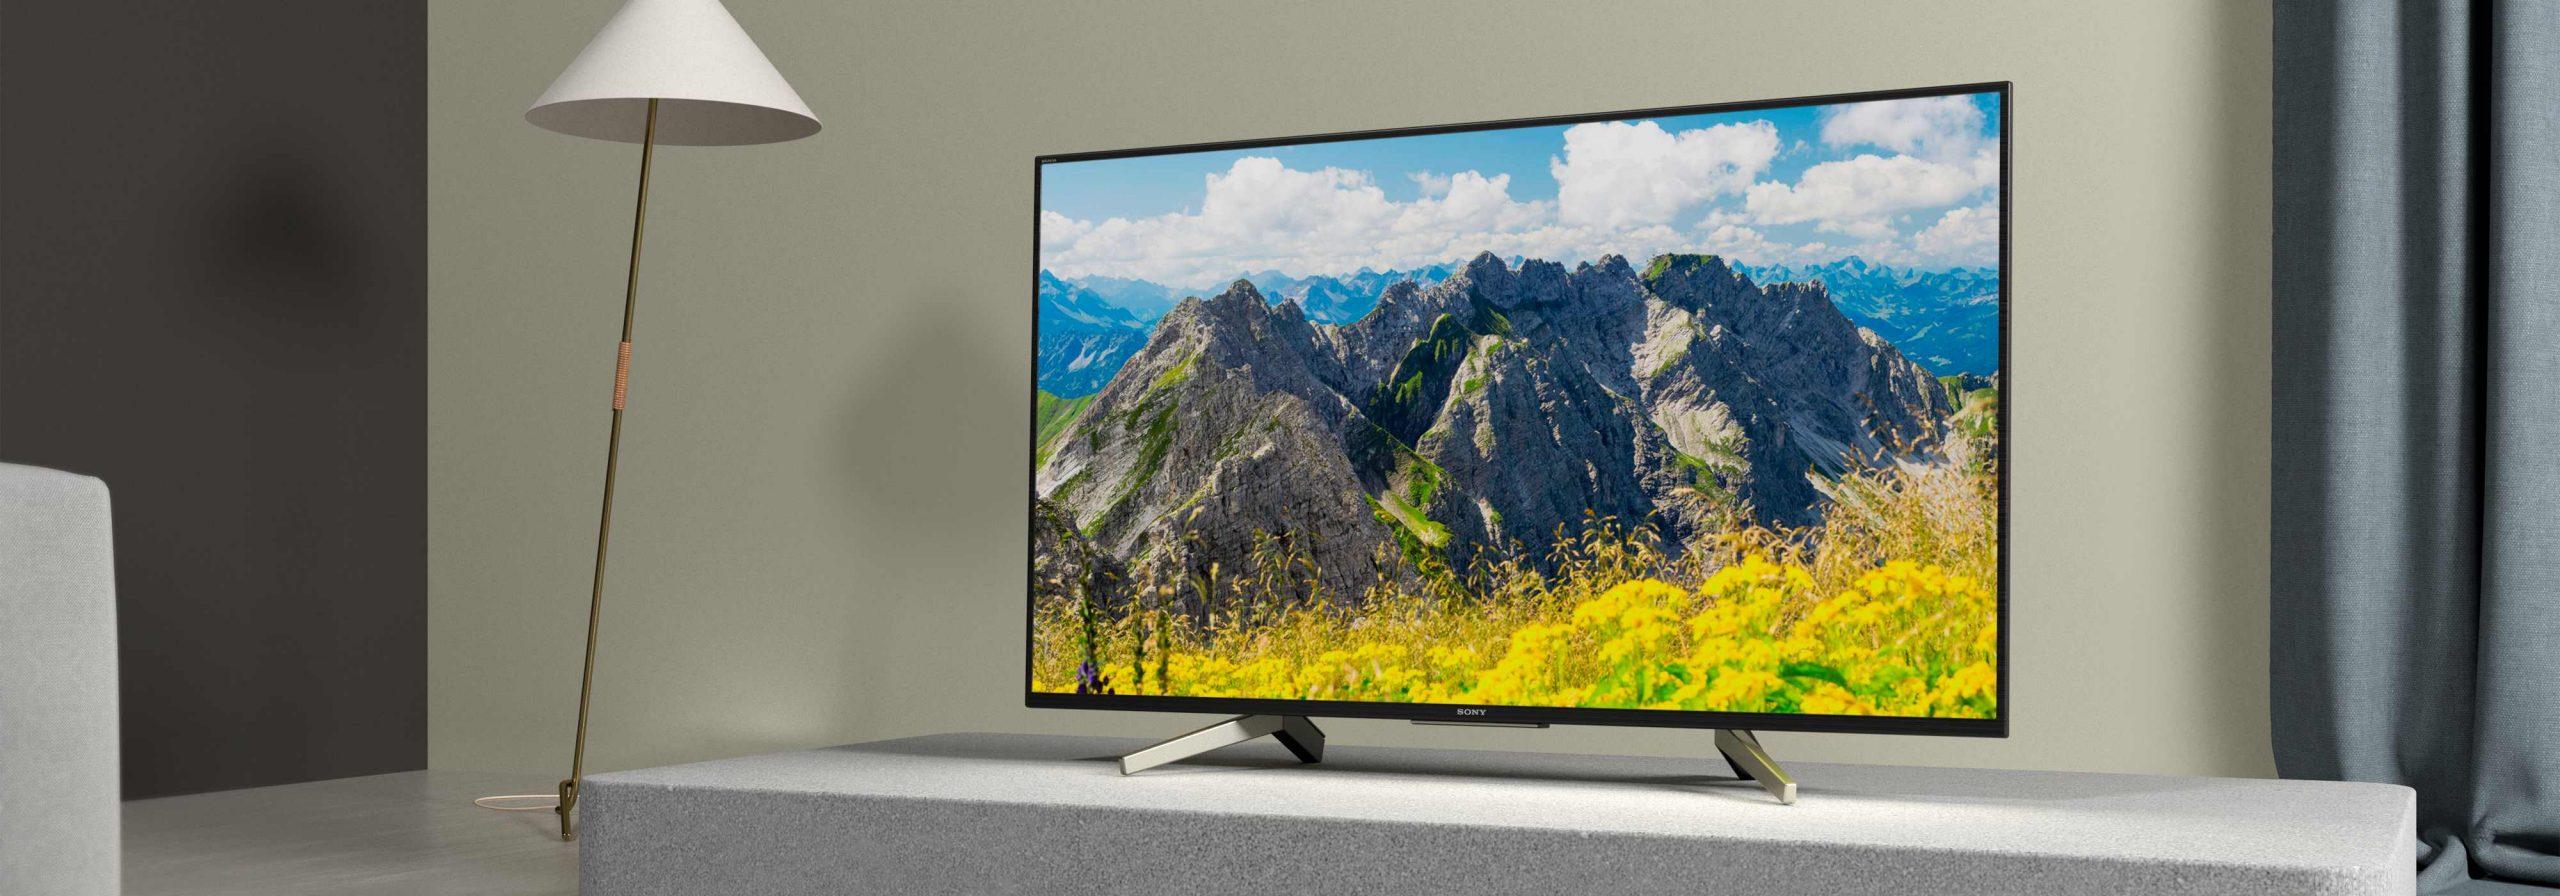 Sony TV x750